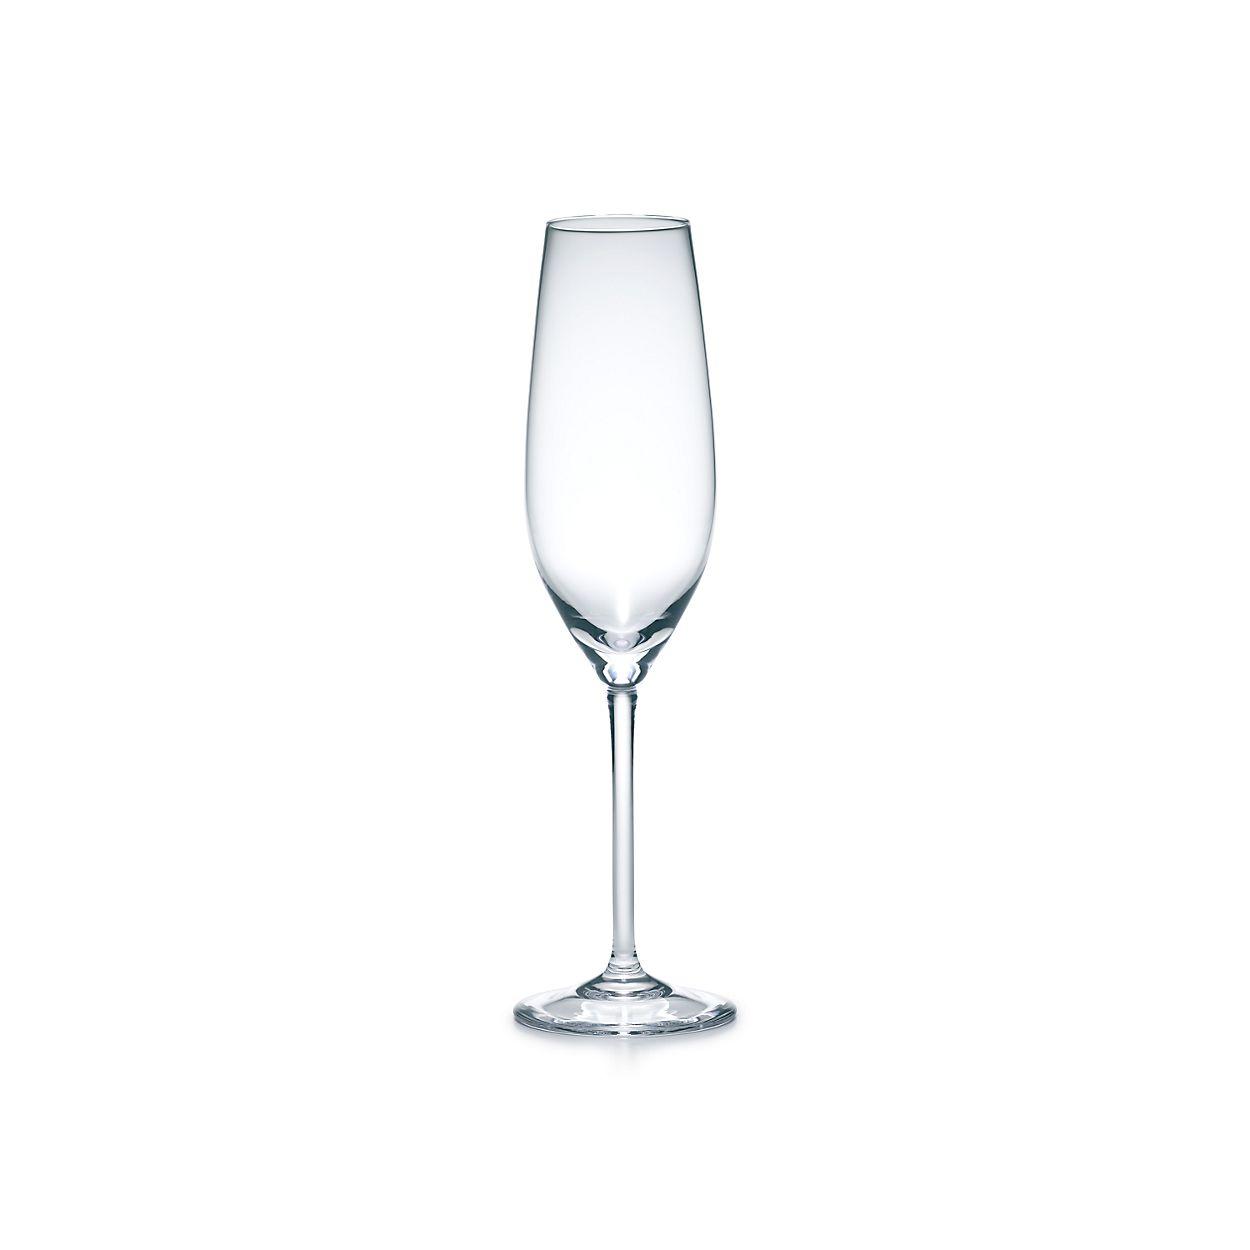 verre a champagne design flute en verre cl fly crate and barrel viv champagne glass my. Black Bedroom Furniture Sets. Home Design Ideas